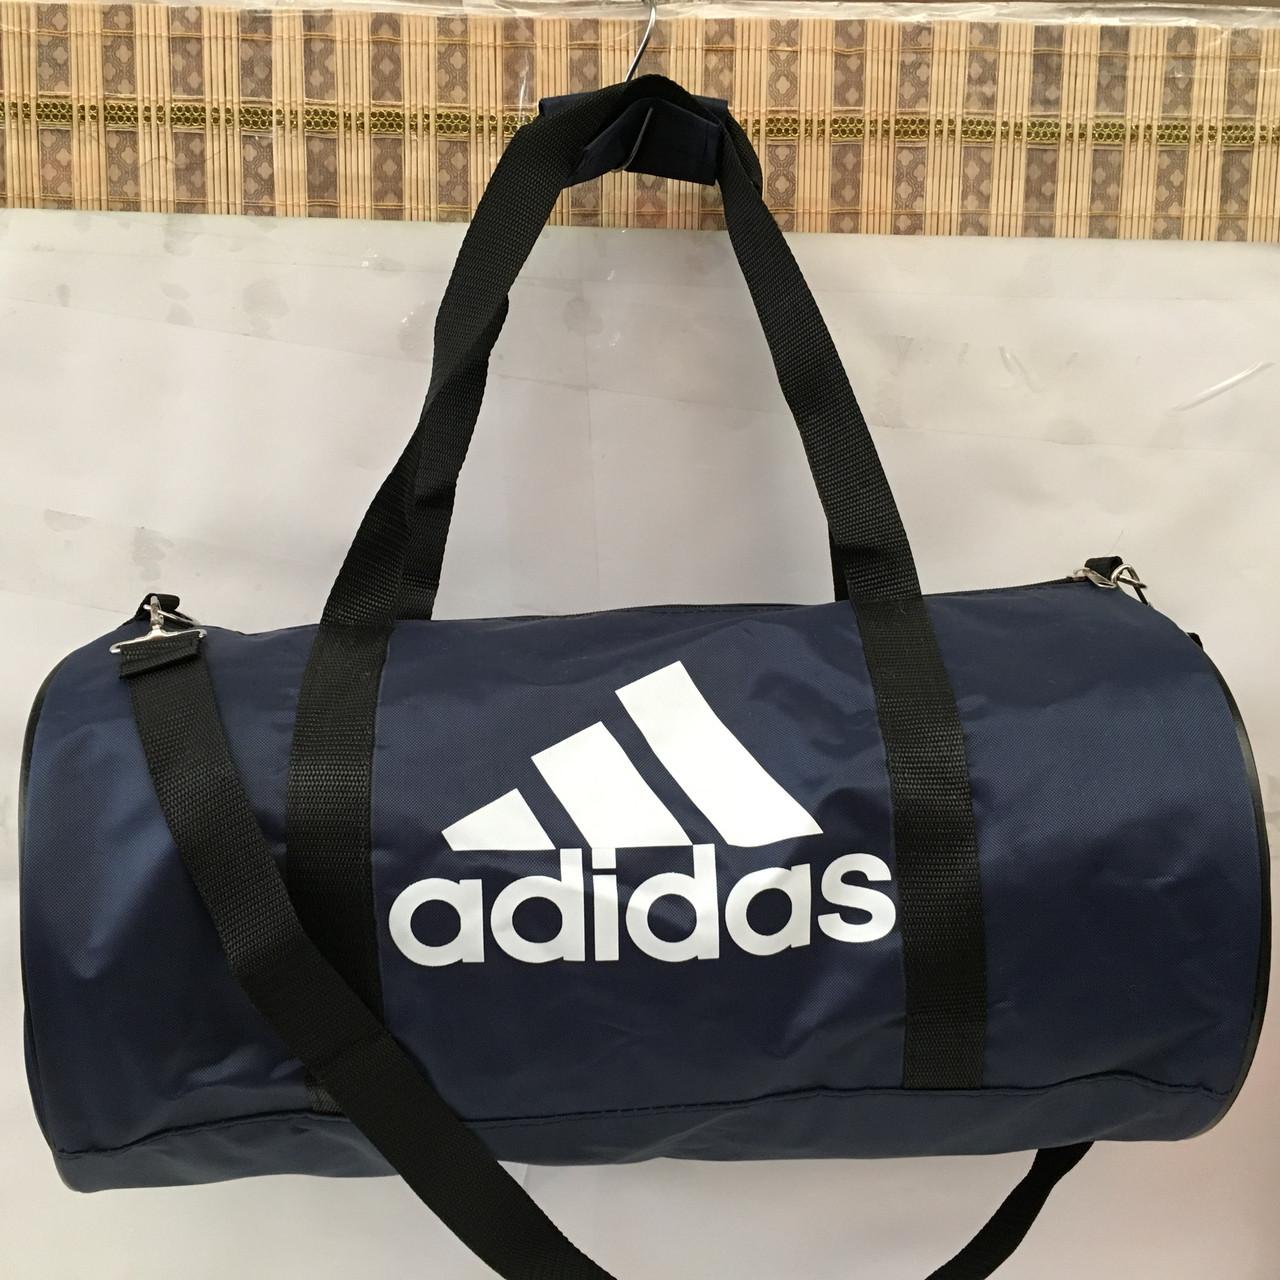 1ad8770f37bb Спортивная сумка Adidas.Сумка дорожная, спортивная Адидас 24*46 оптом